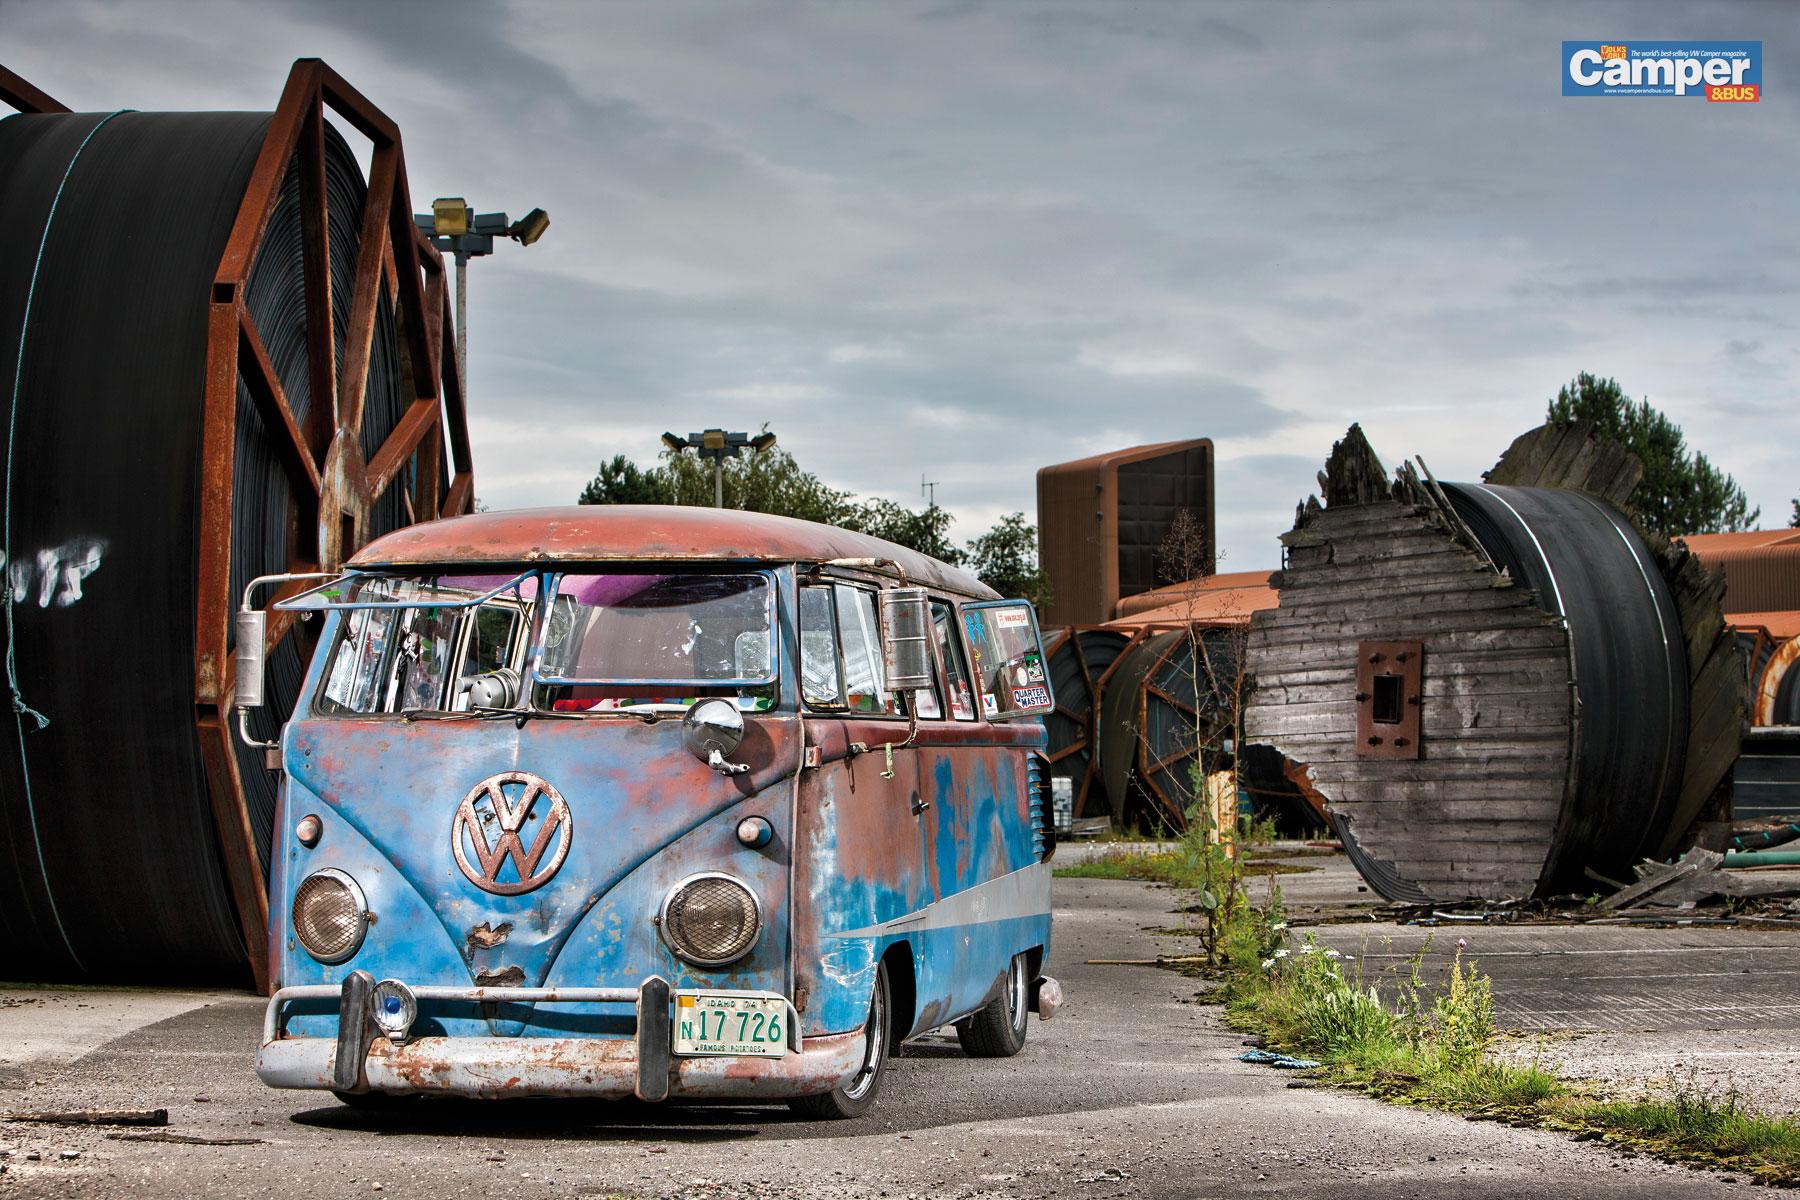 Volkswagen Van Volkswagen Van Vintage Vw Vans 2 Hd Wallpaper Vw Camper 1800x1200 Wallpaper Teahub Io